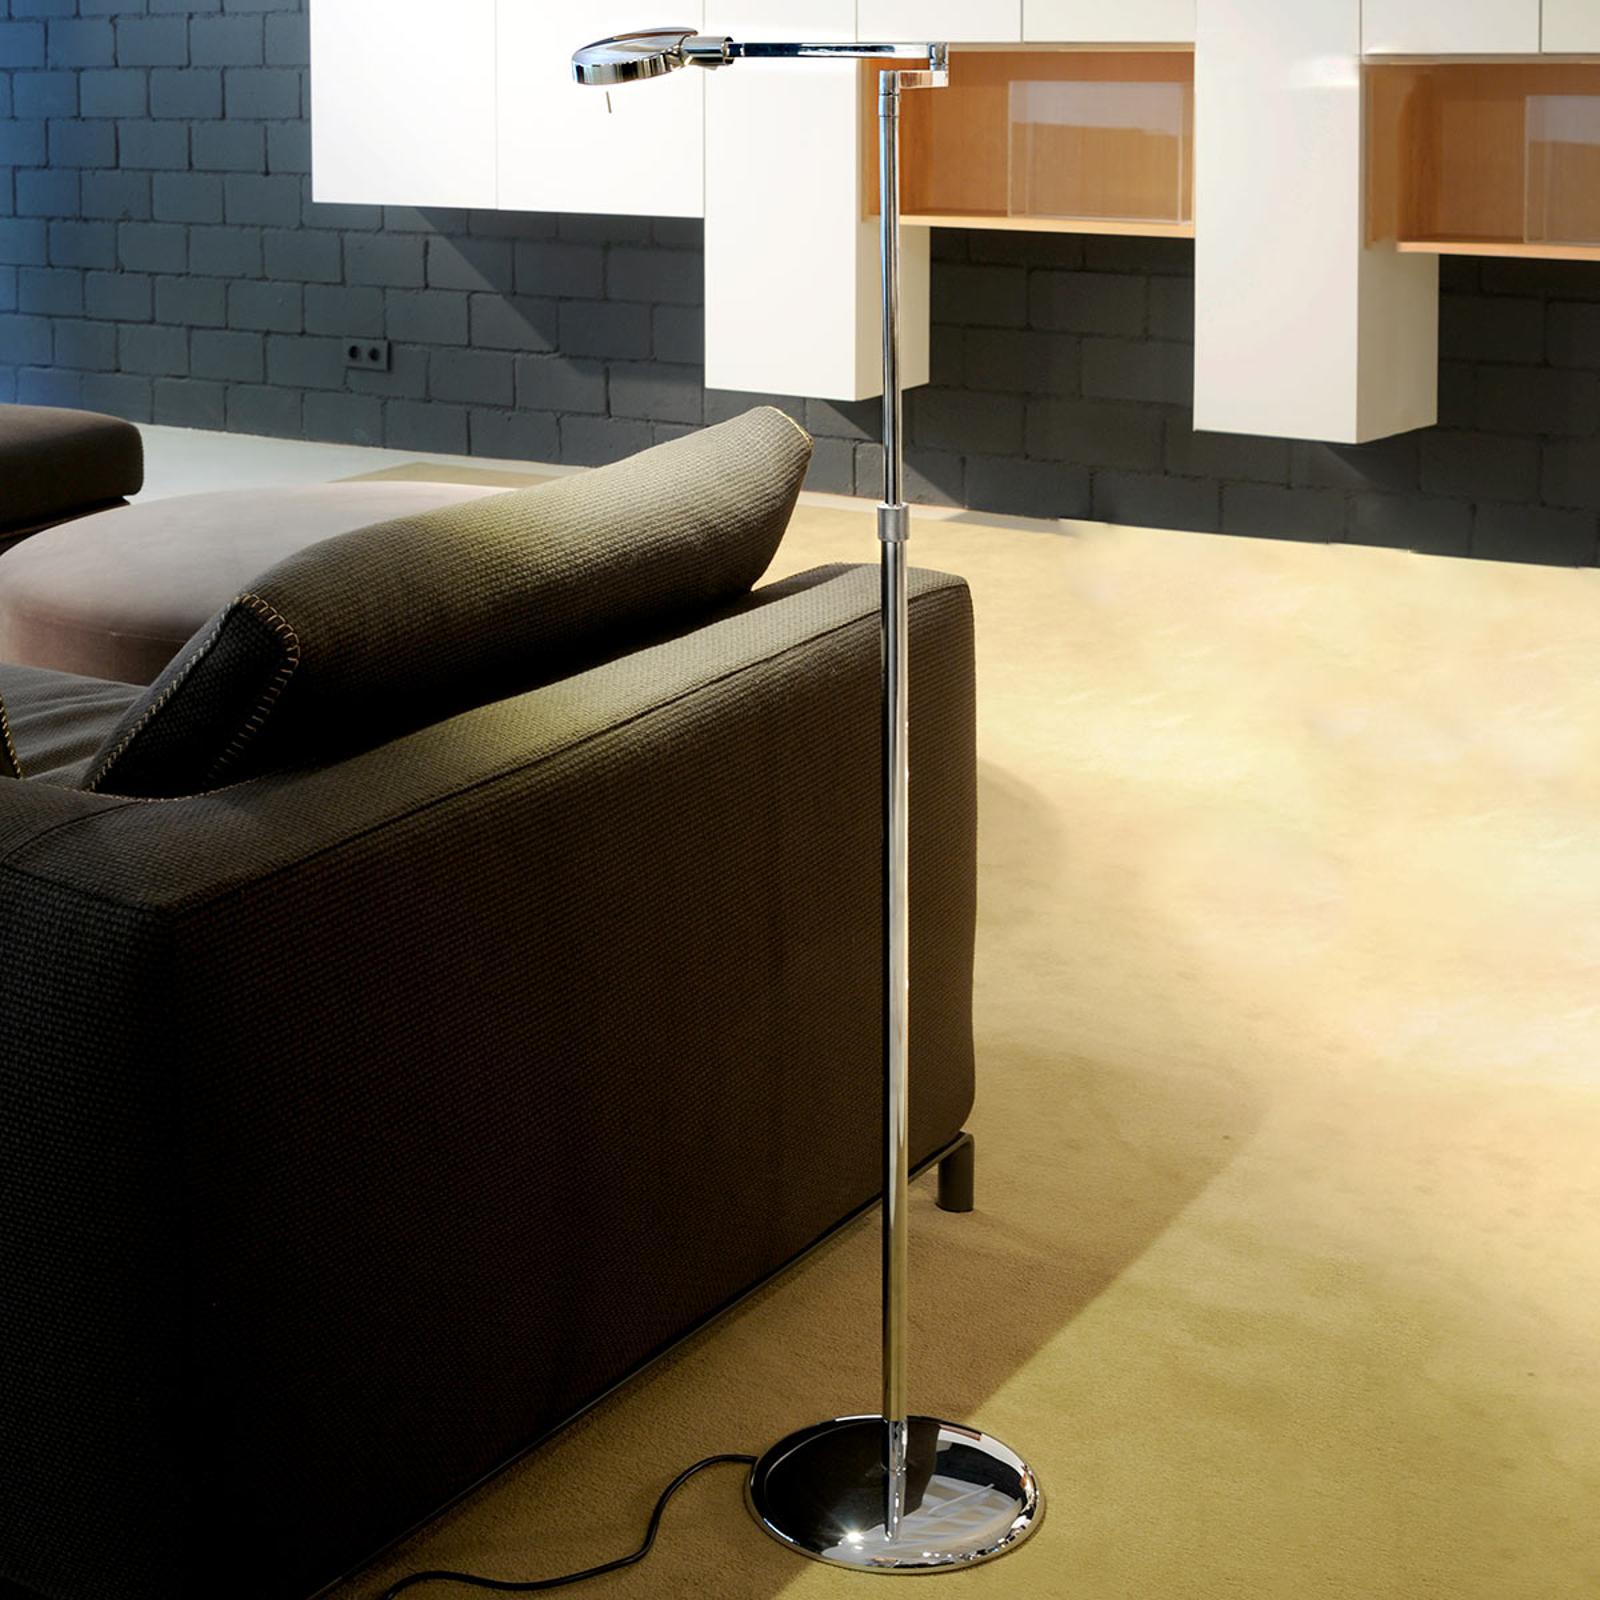 Korkeussäädettävä 3-LED-lattiavalaisin, 1 lamppu